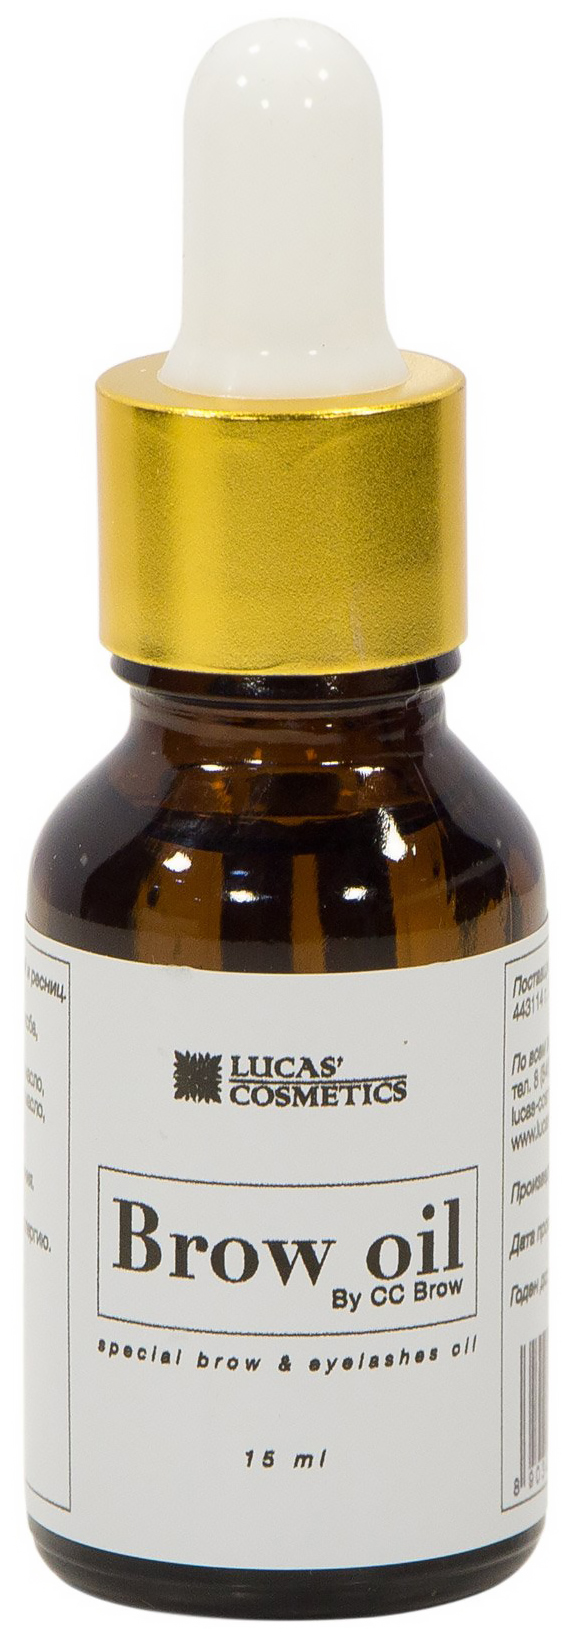 Средство для роста ресниц и бровей LUCAS' COSMETICS Brow Oil By CC Brow 15 мл фото